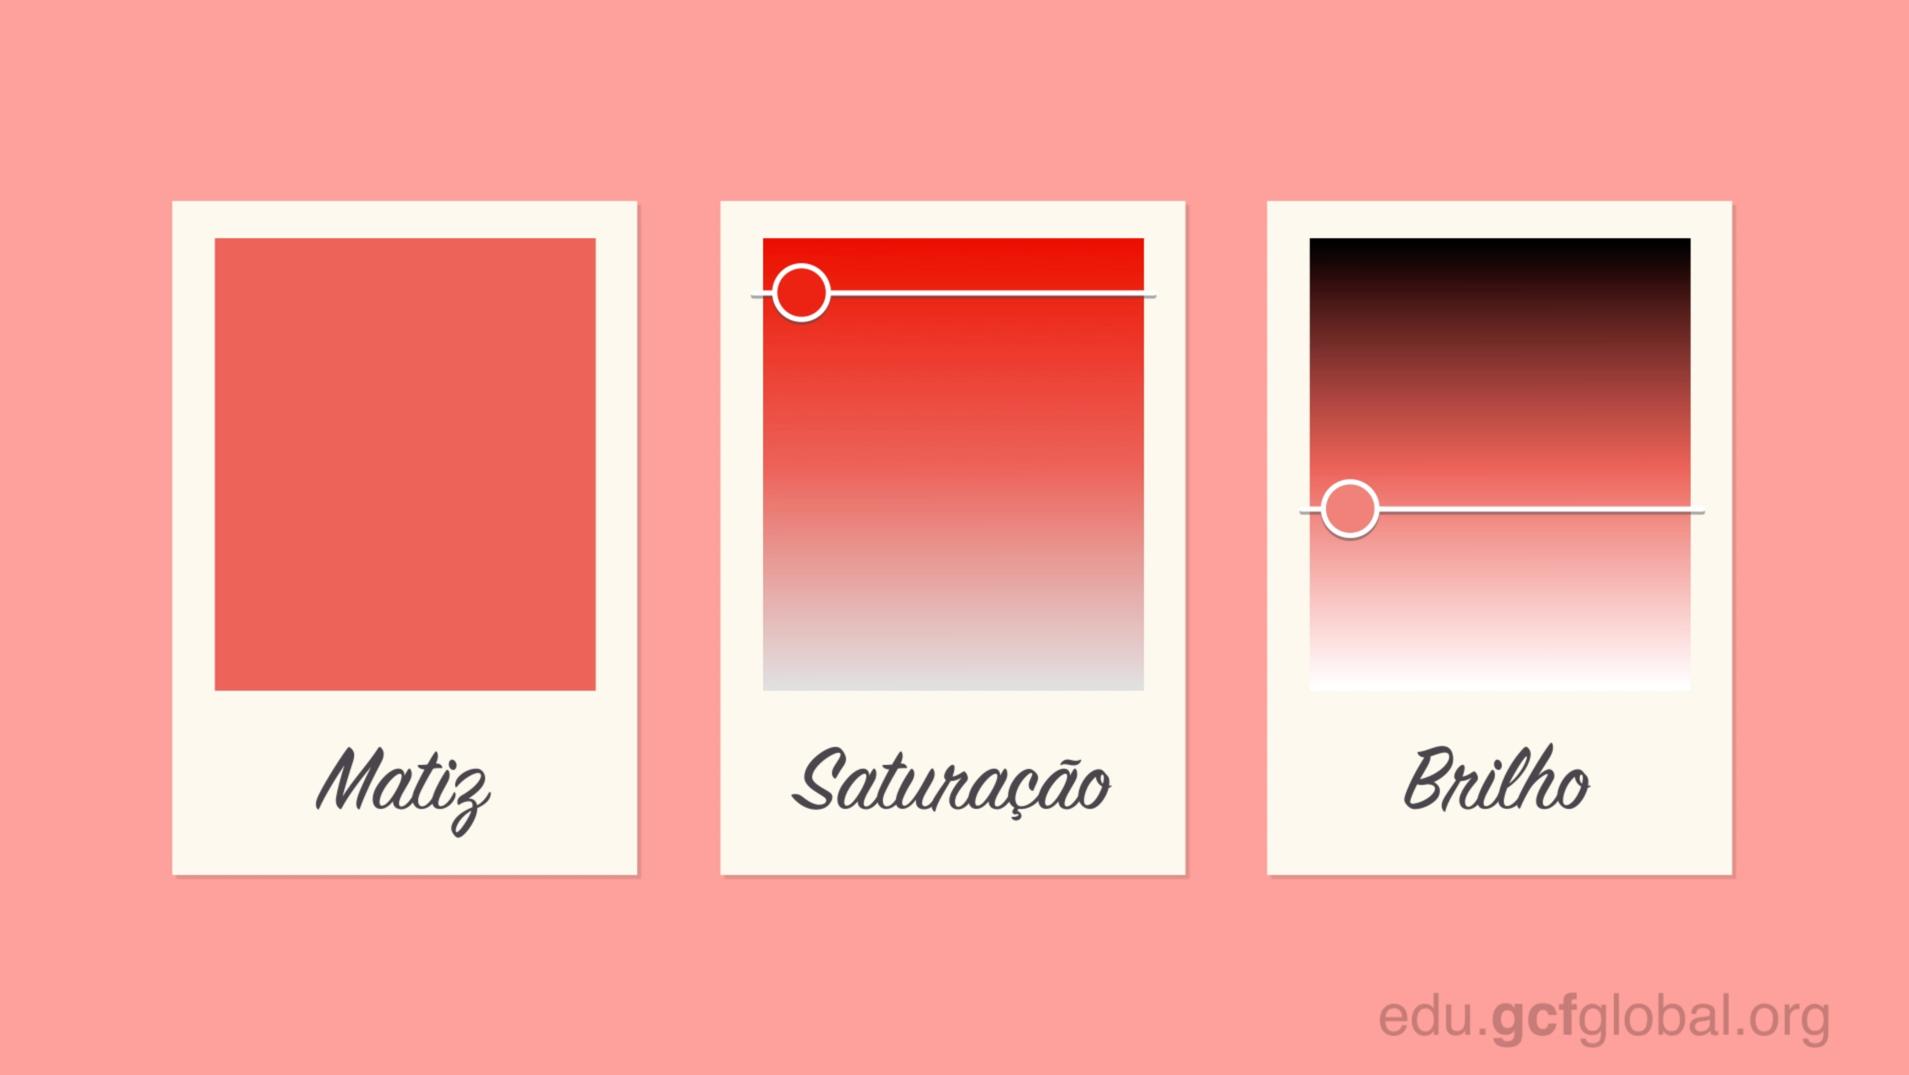 Imagem dos conceitos de saturação, matiz e brilho.